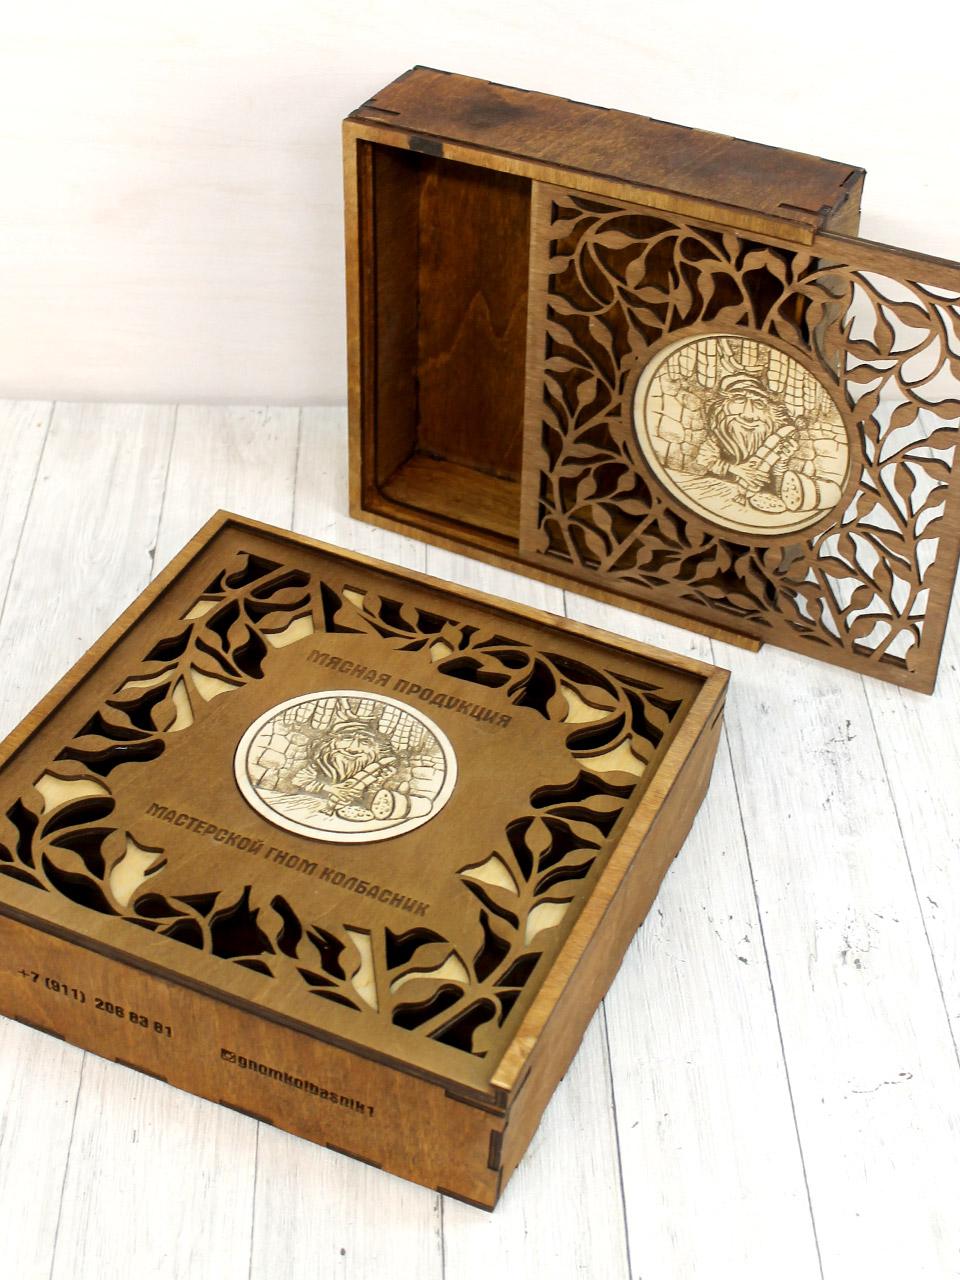 этом подарочные коробки из дерева в картинках рпц официальных